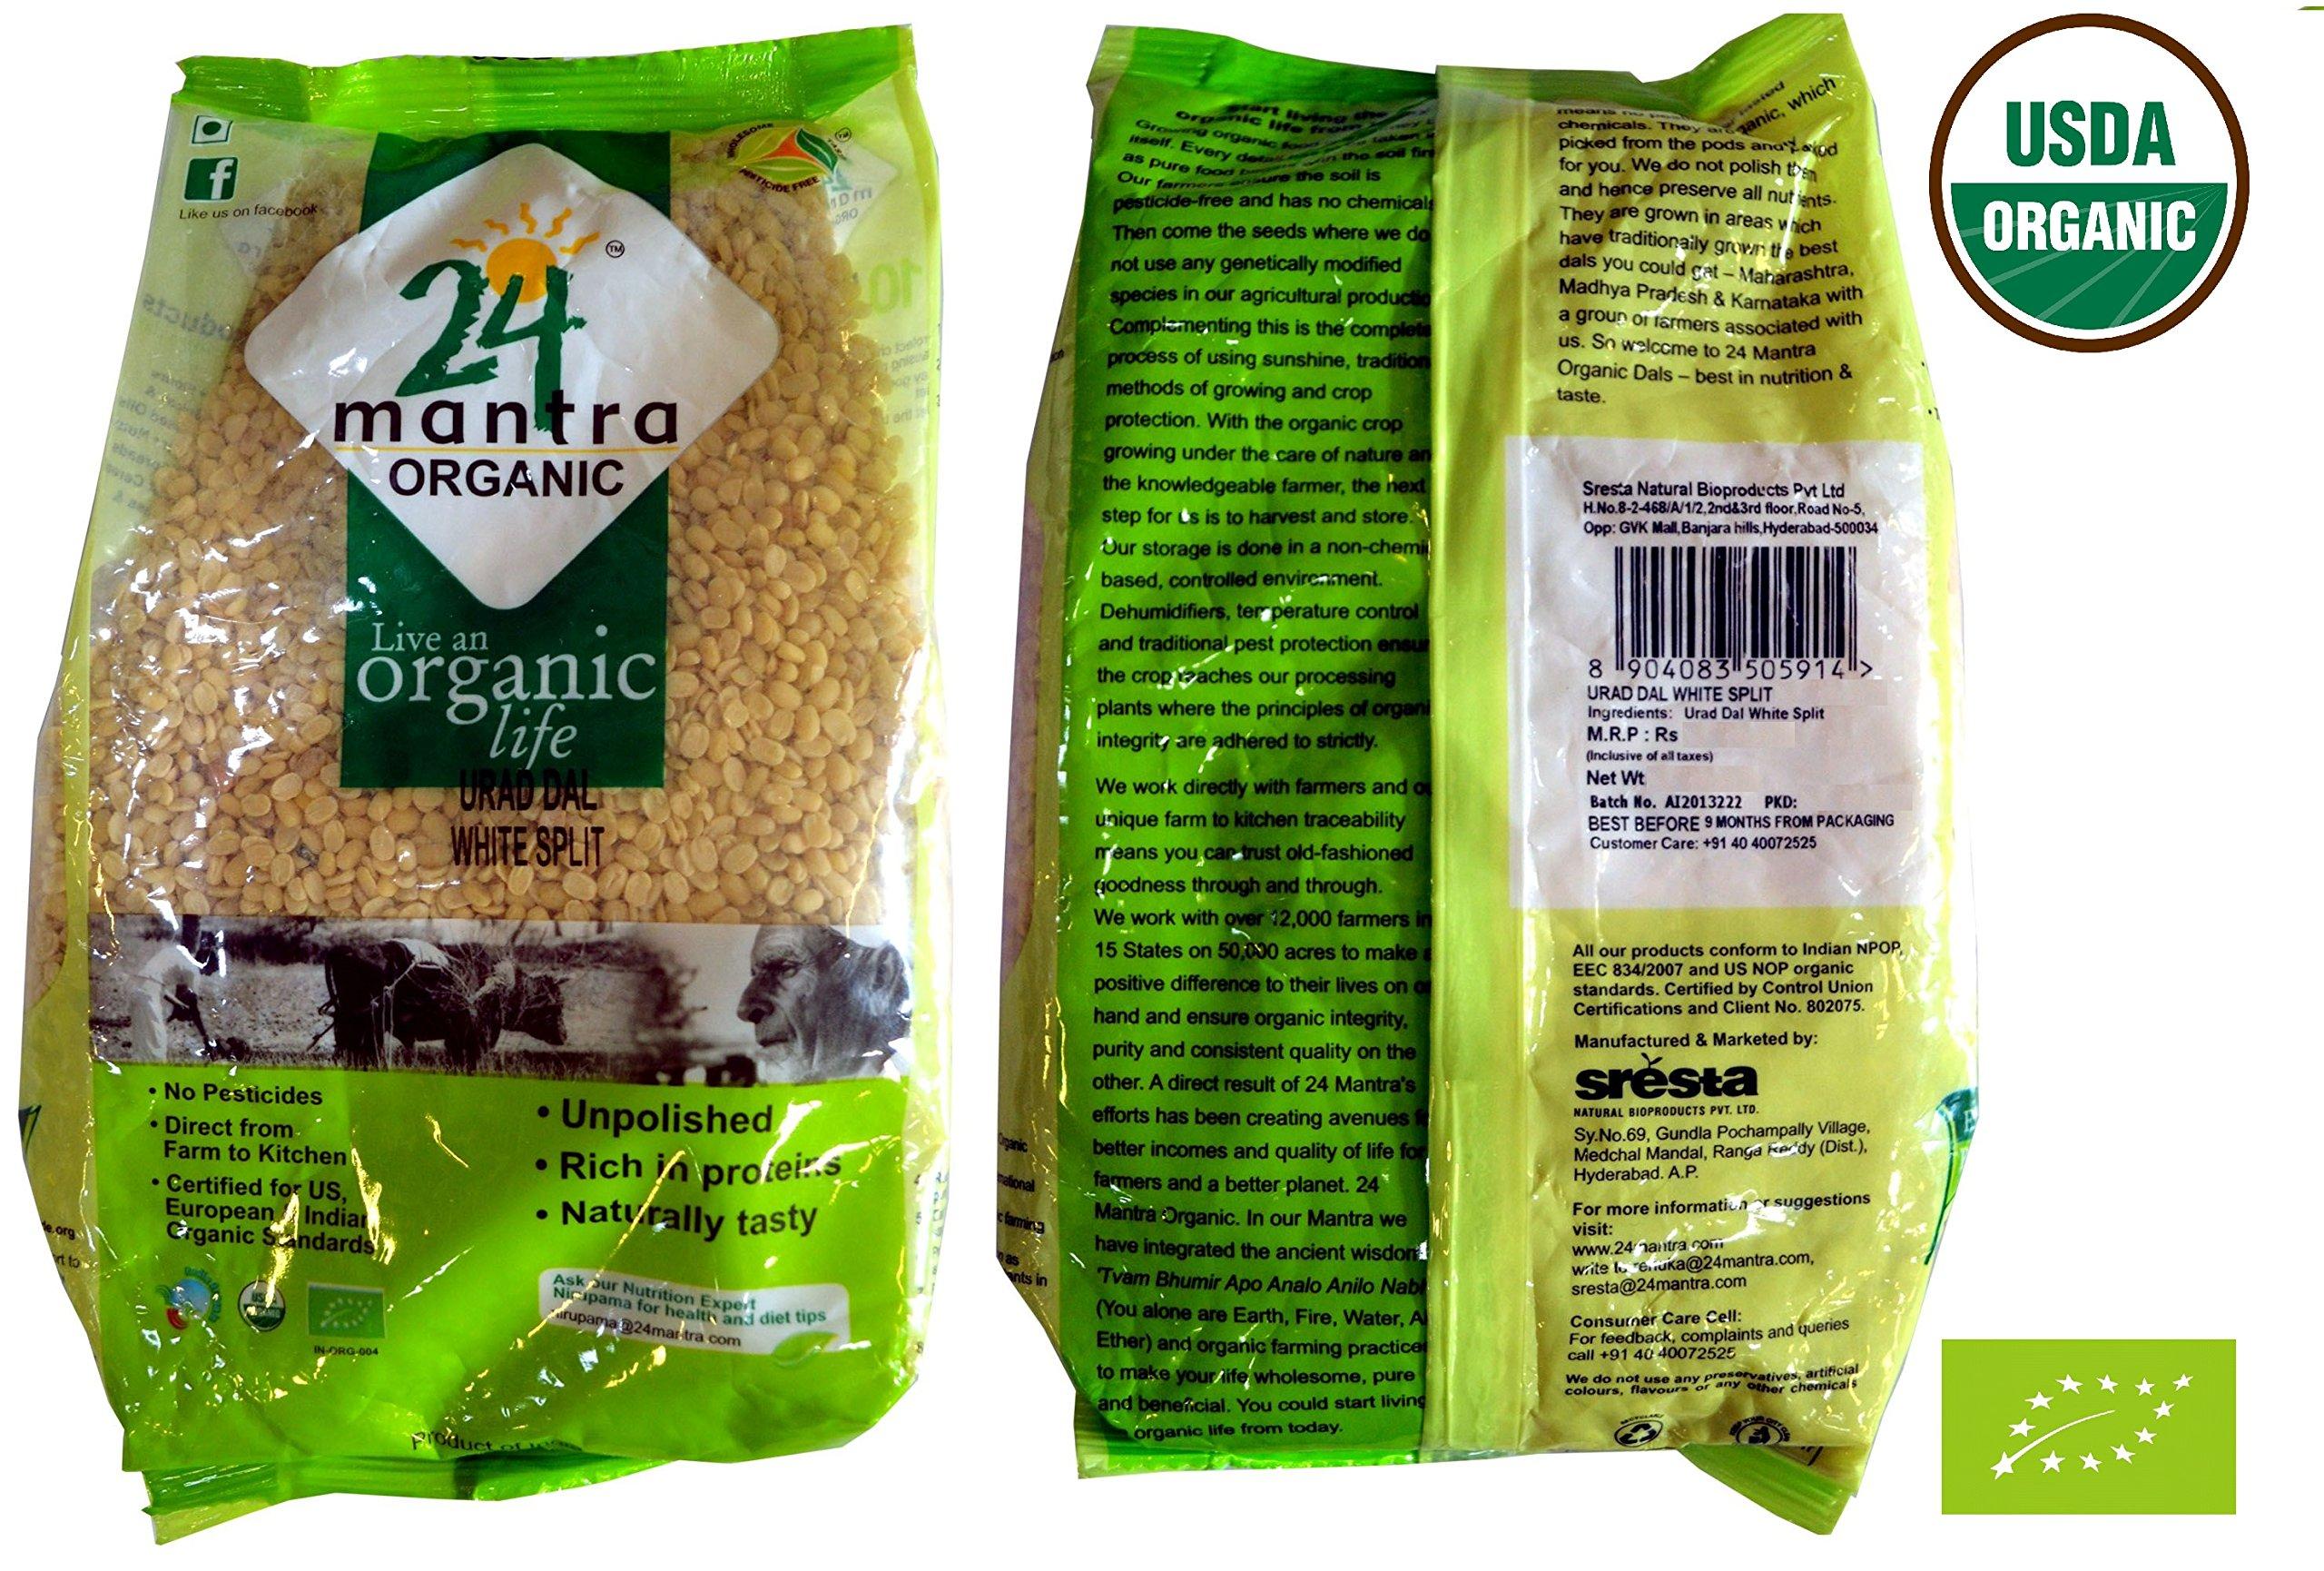 Organic Urad Dal Split - Split Matpe or Beluga Beans Washed Lentils Without Skin - USDA Certified Organic - European Union Certified Organic - Pesticides Free - Adulteration Free - Sodium Free - 4 Lbs - 24 Mantra Organic